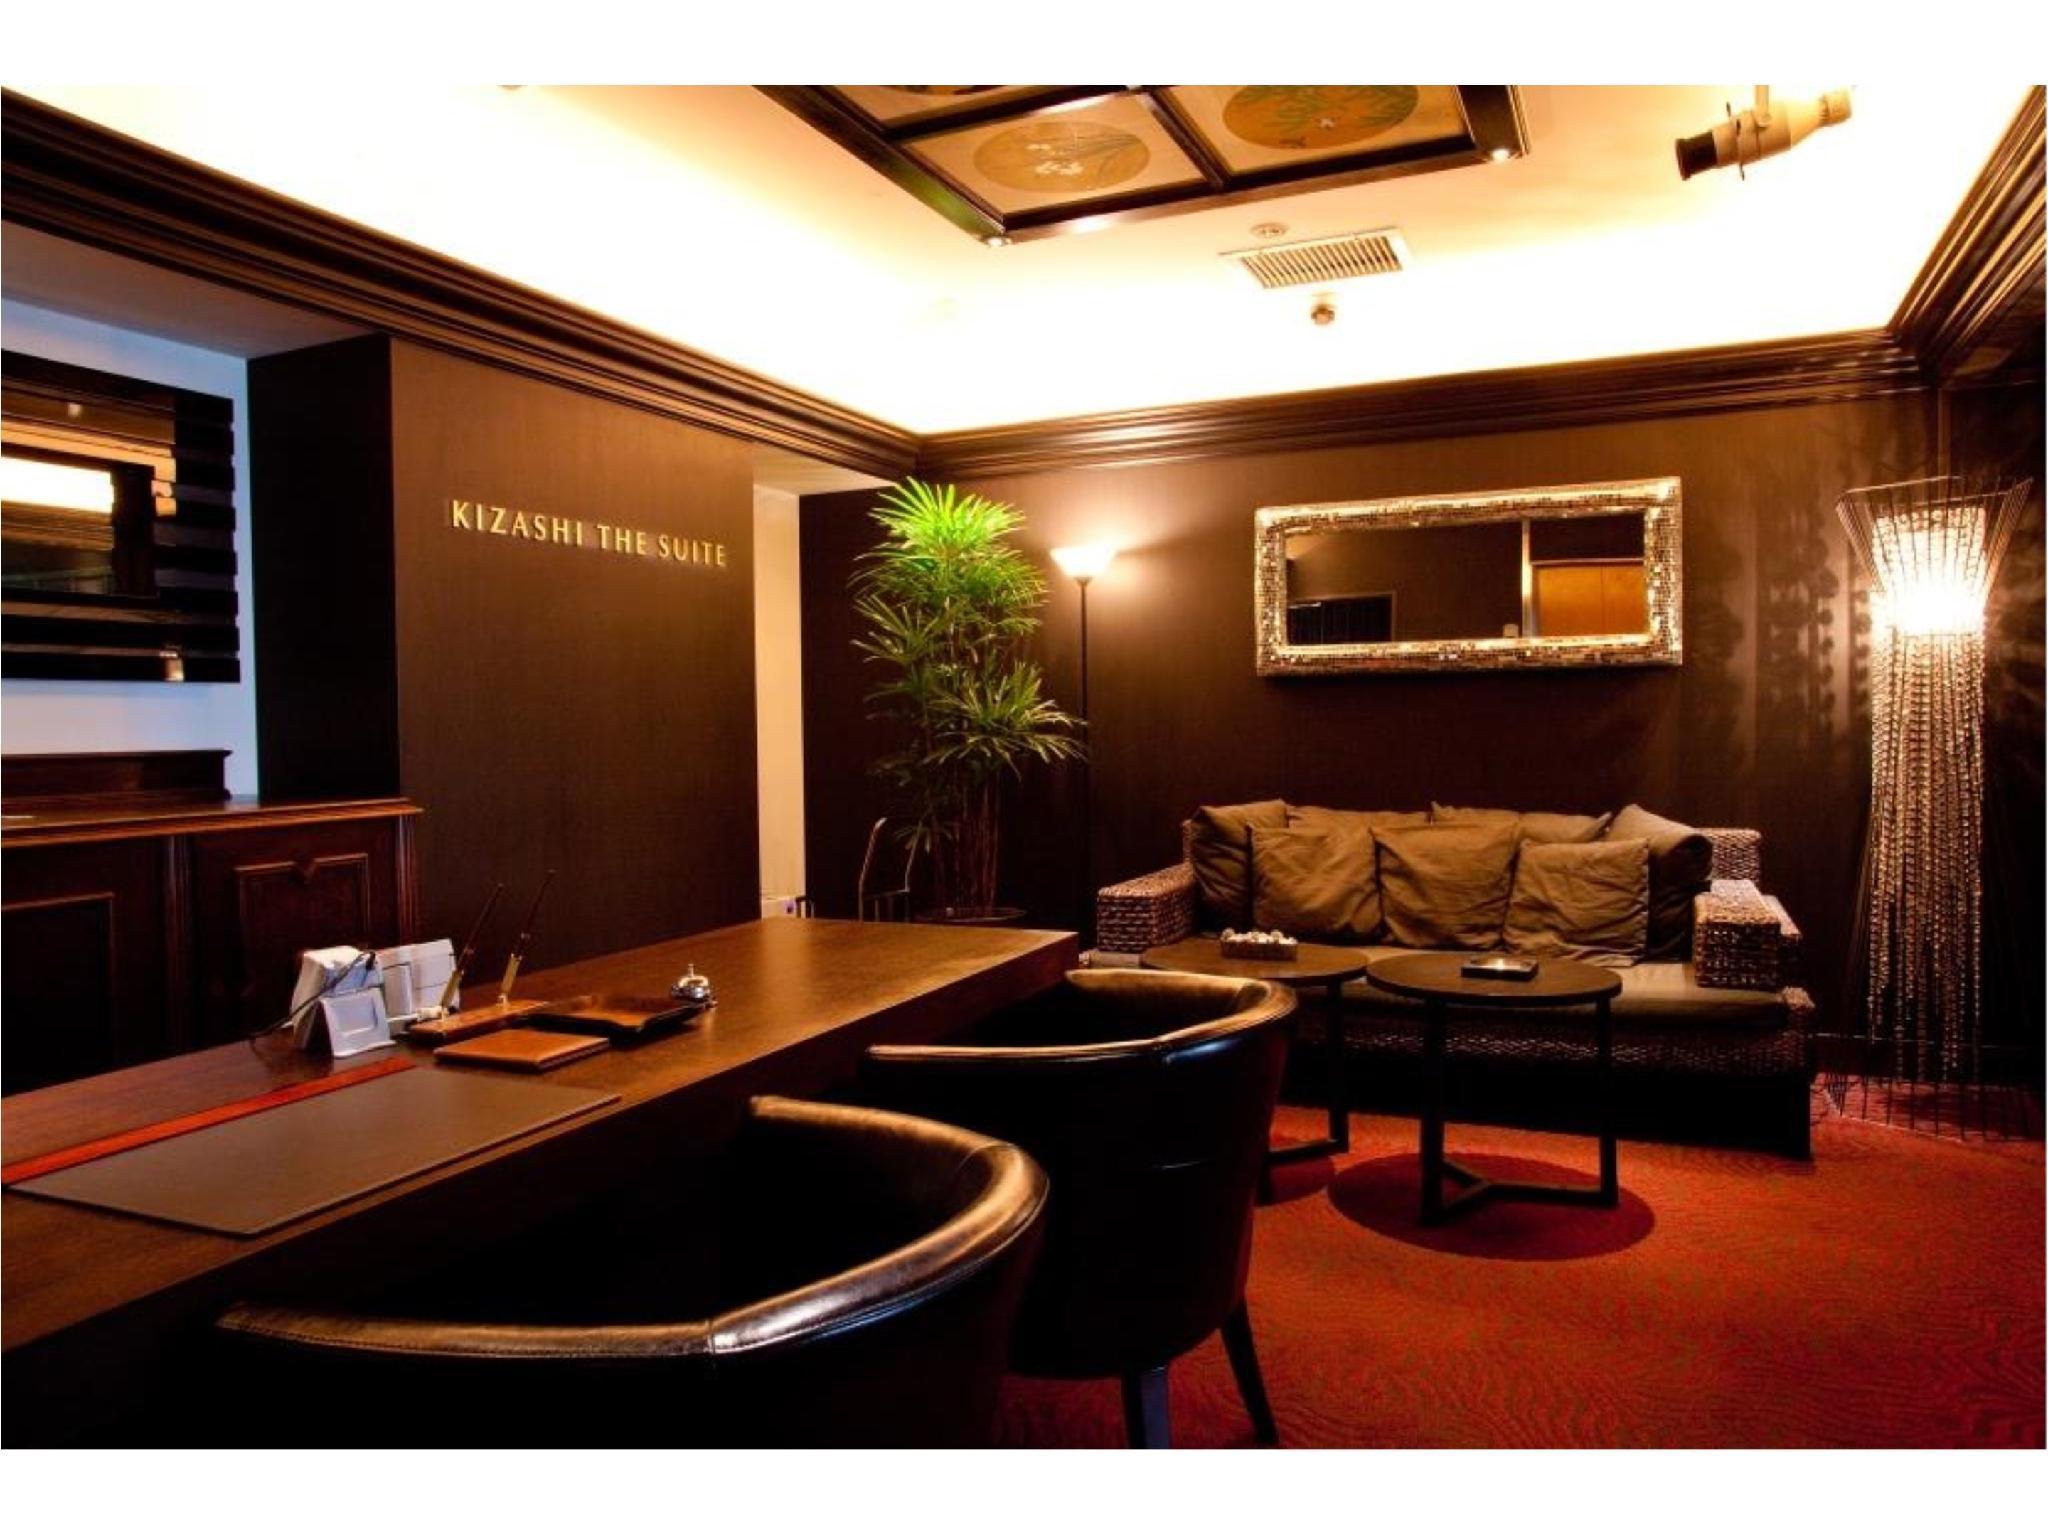 Kizashi The Suite